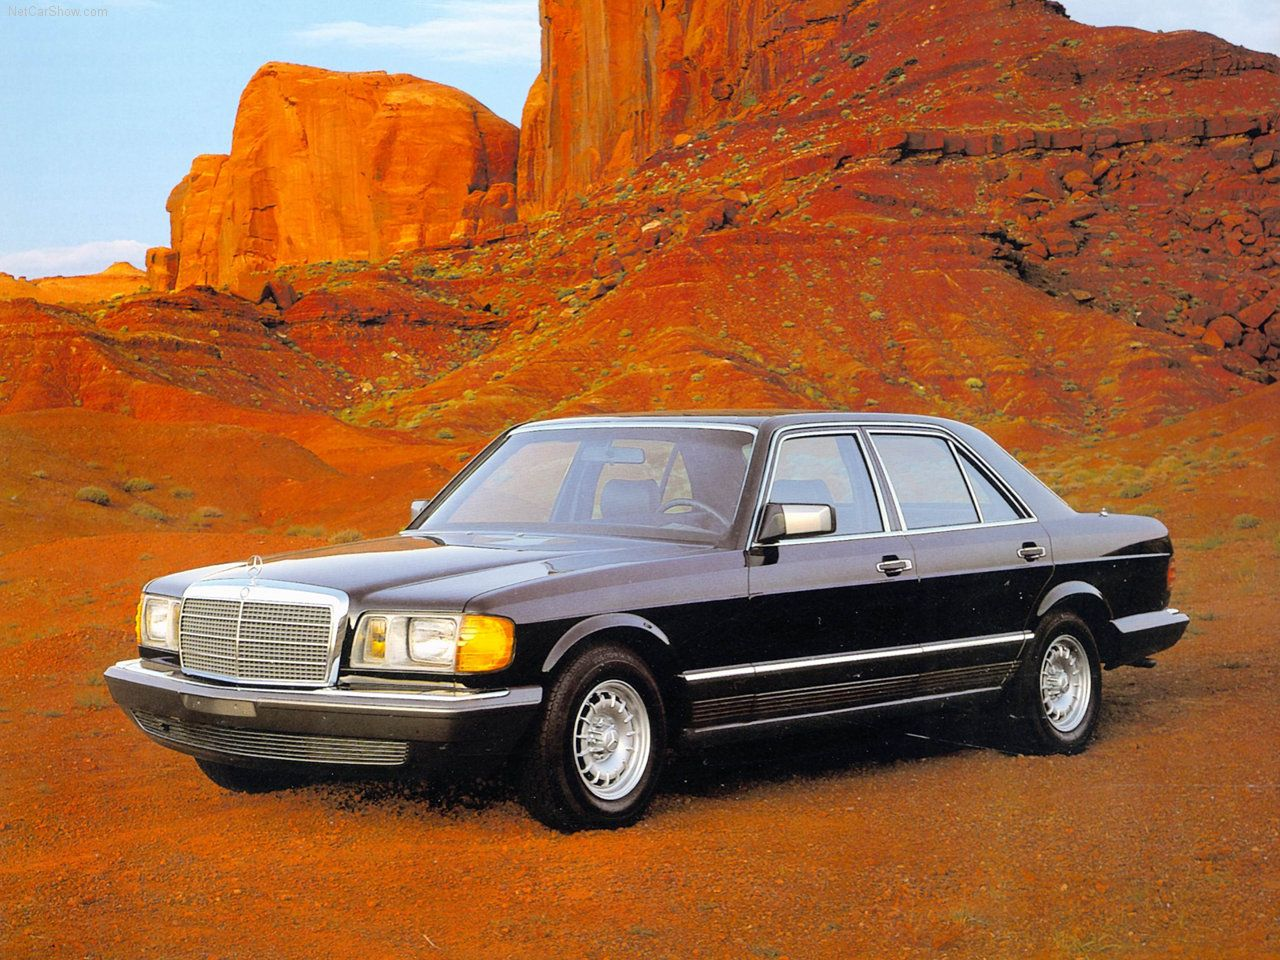 Mercedes benz w126 300sd turbodiesel 1985